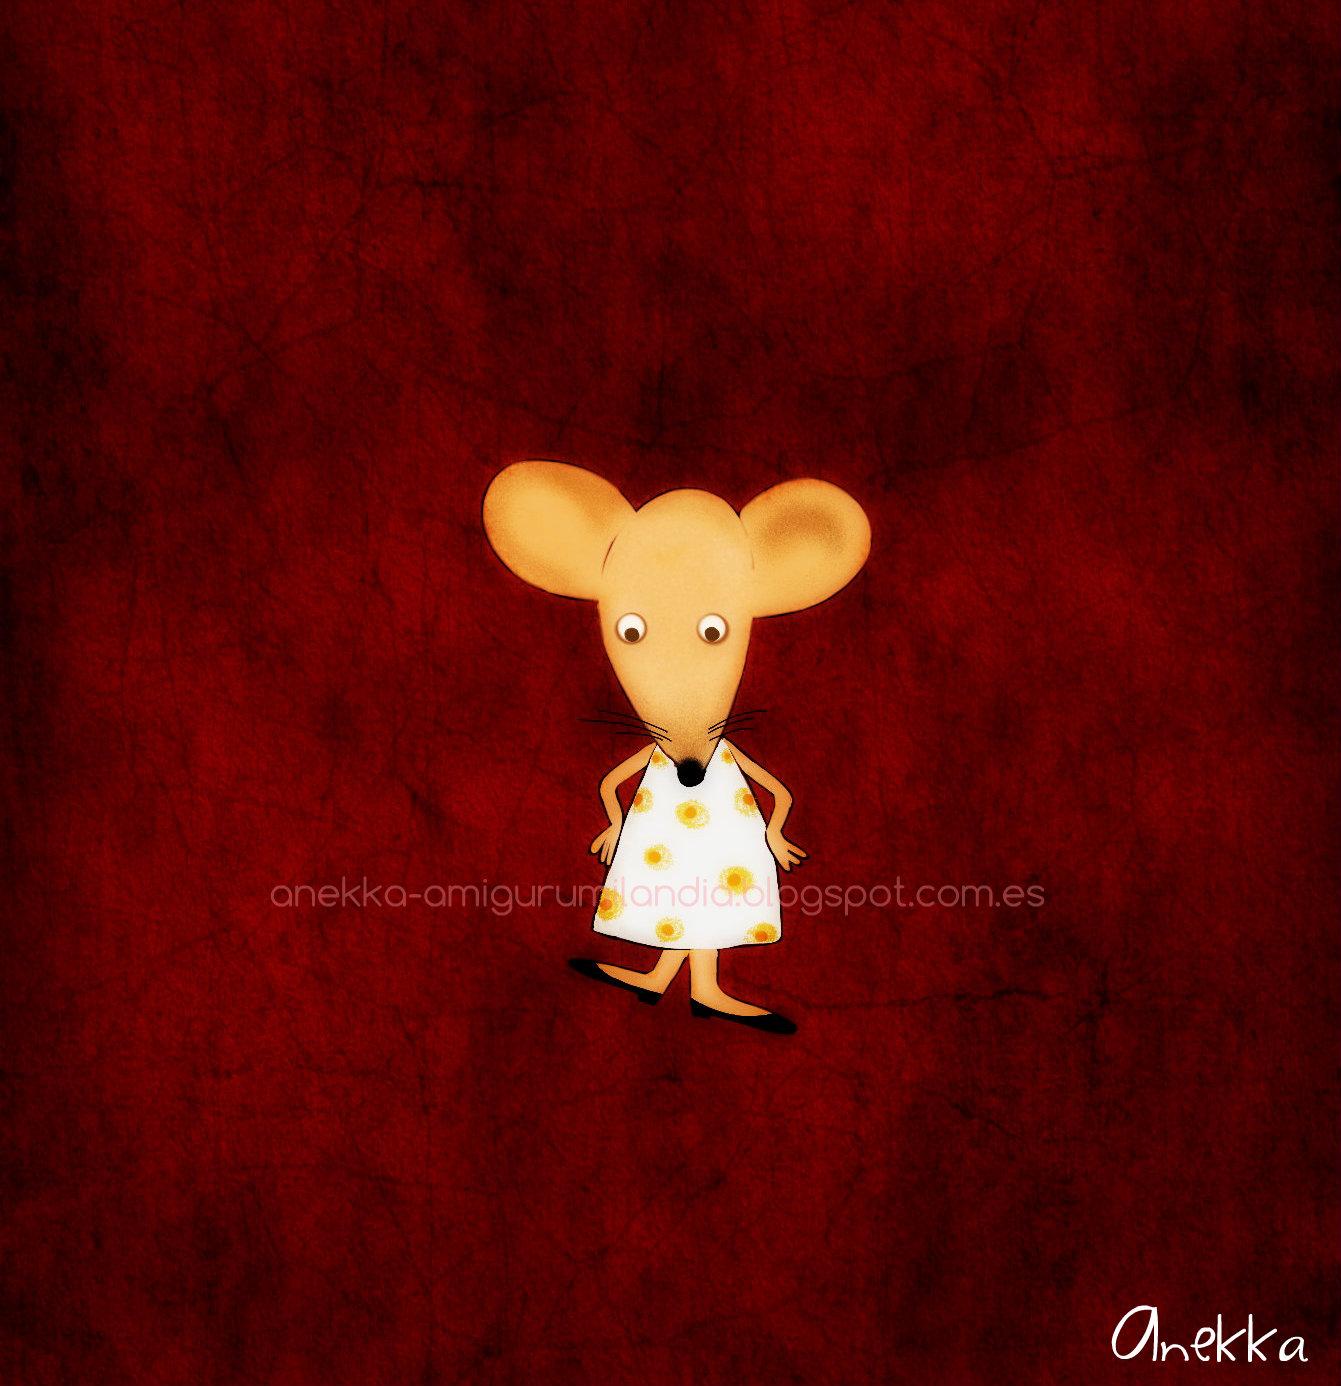 Ratita  ilustracion anekka handmade